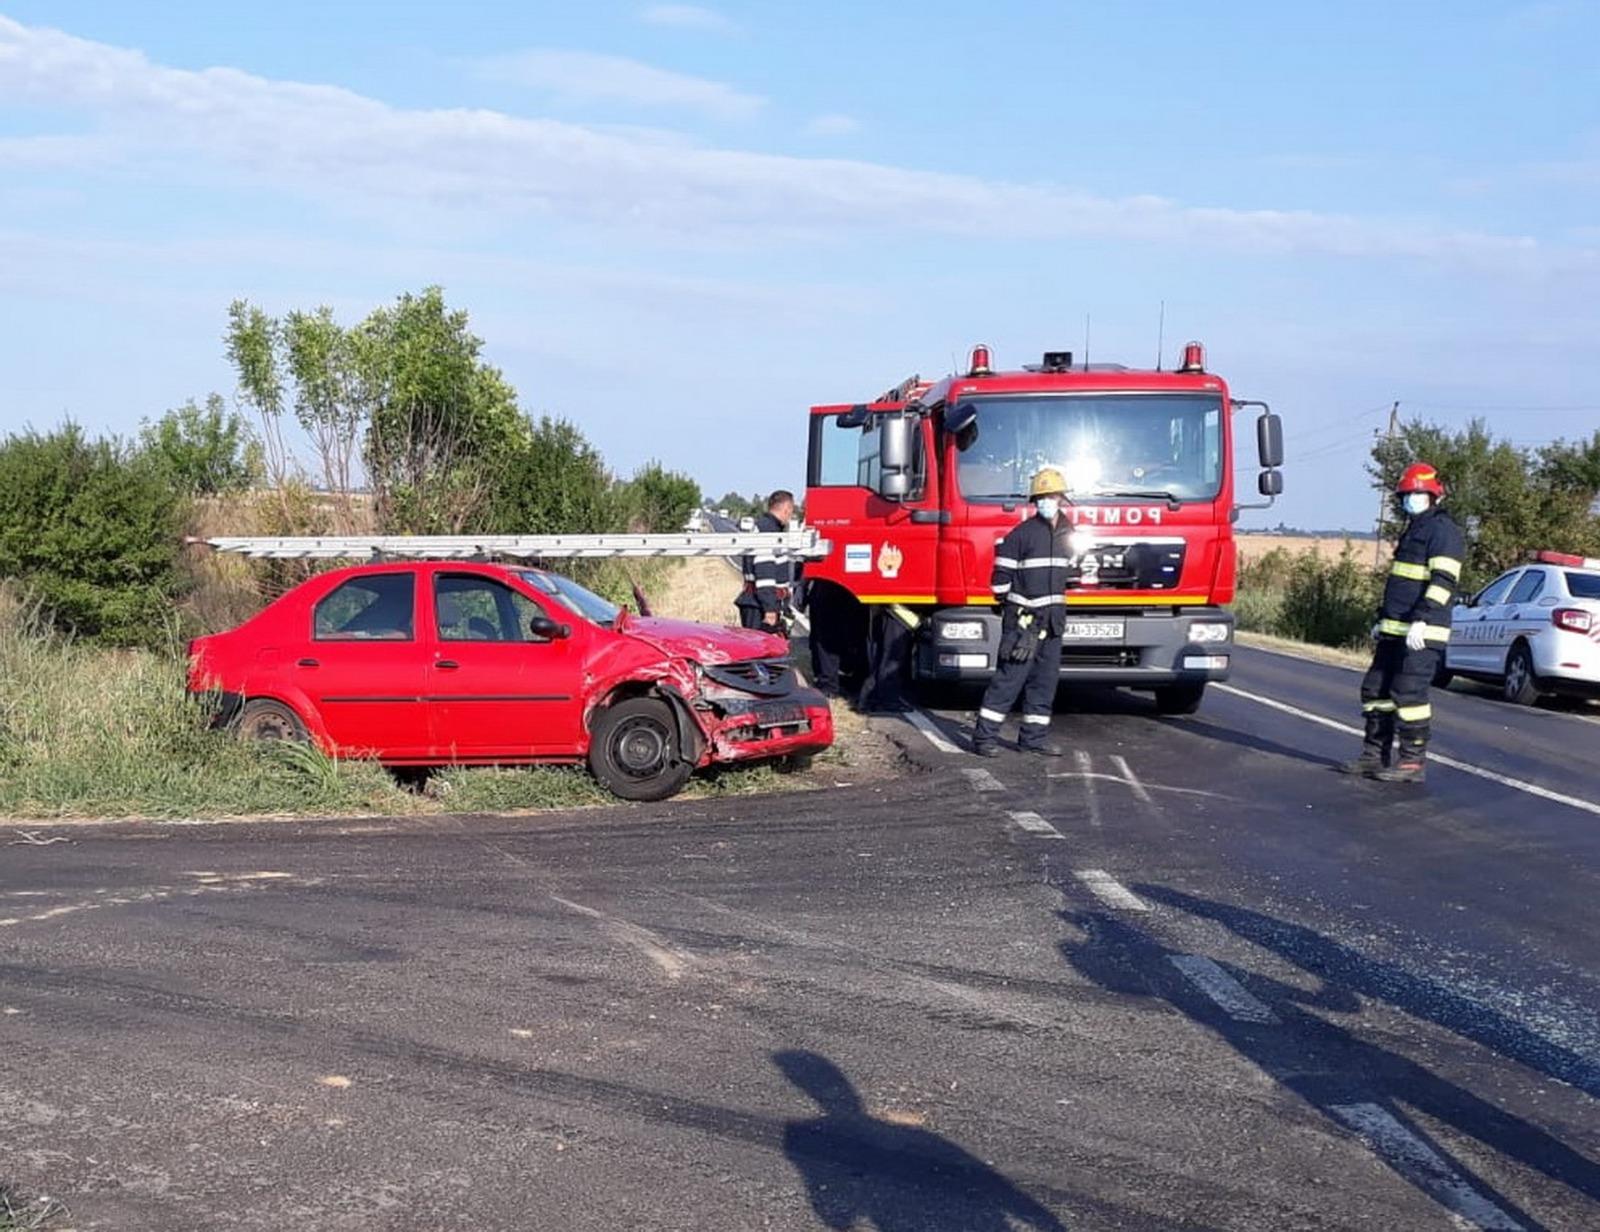 Mătăsaru (jud. DB): Accident violent-Mașini distruse, doi răniți. A fost nevoie de descarcerare.